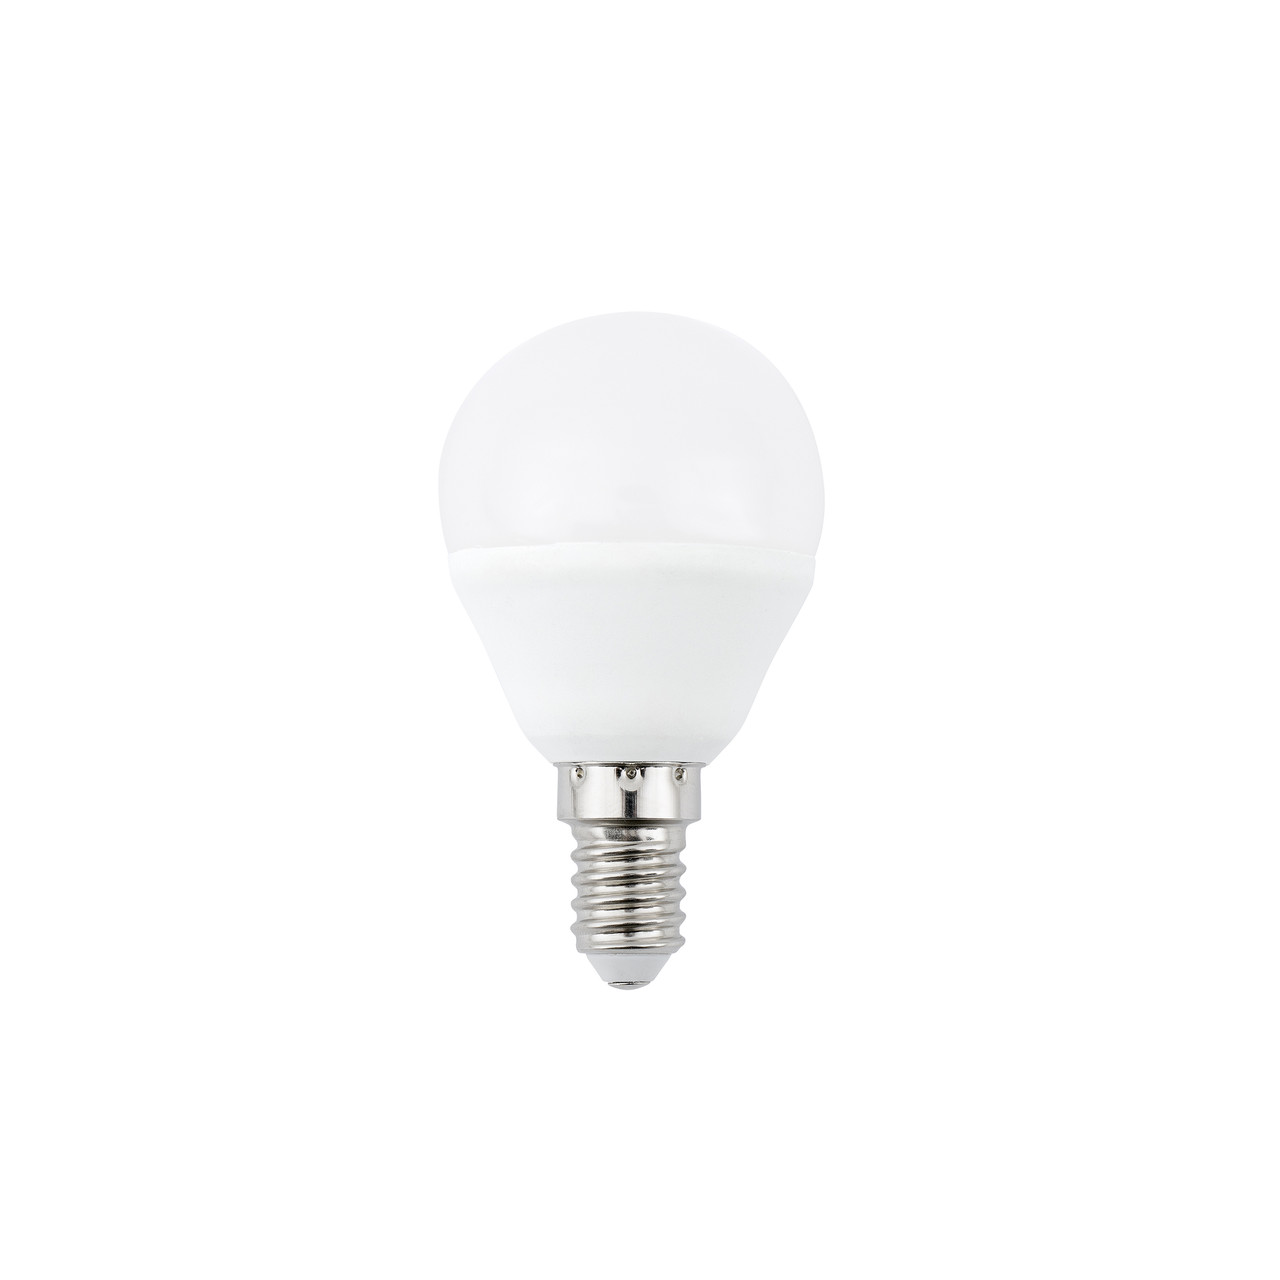 LED лампа Lebron G45 6W Е14 4100K 480Lm